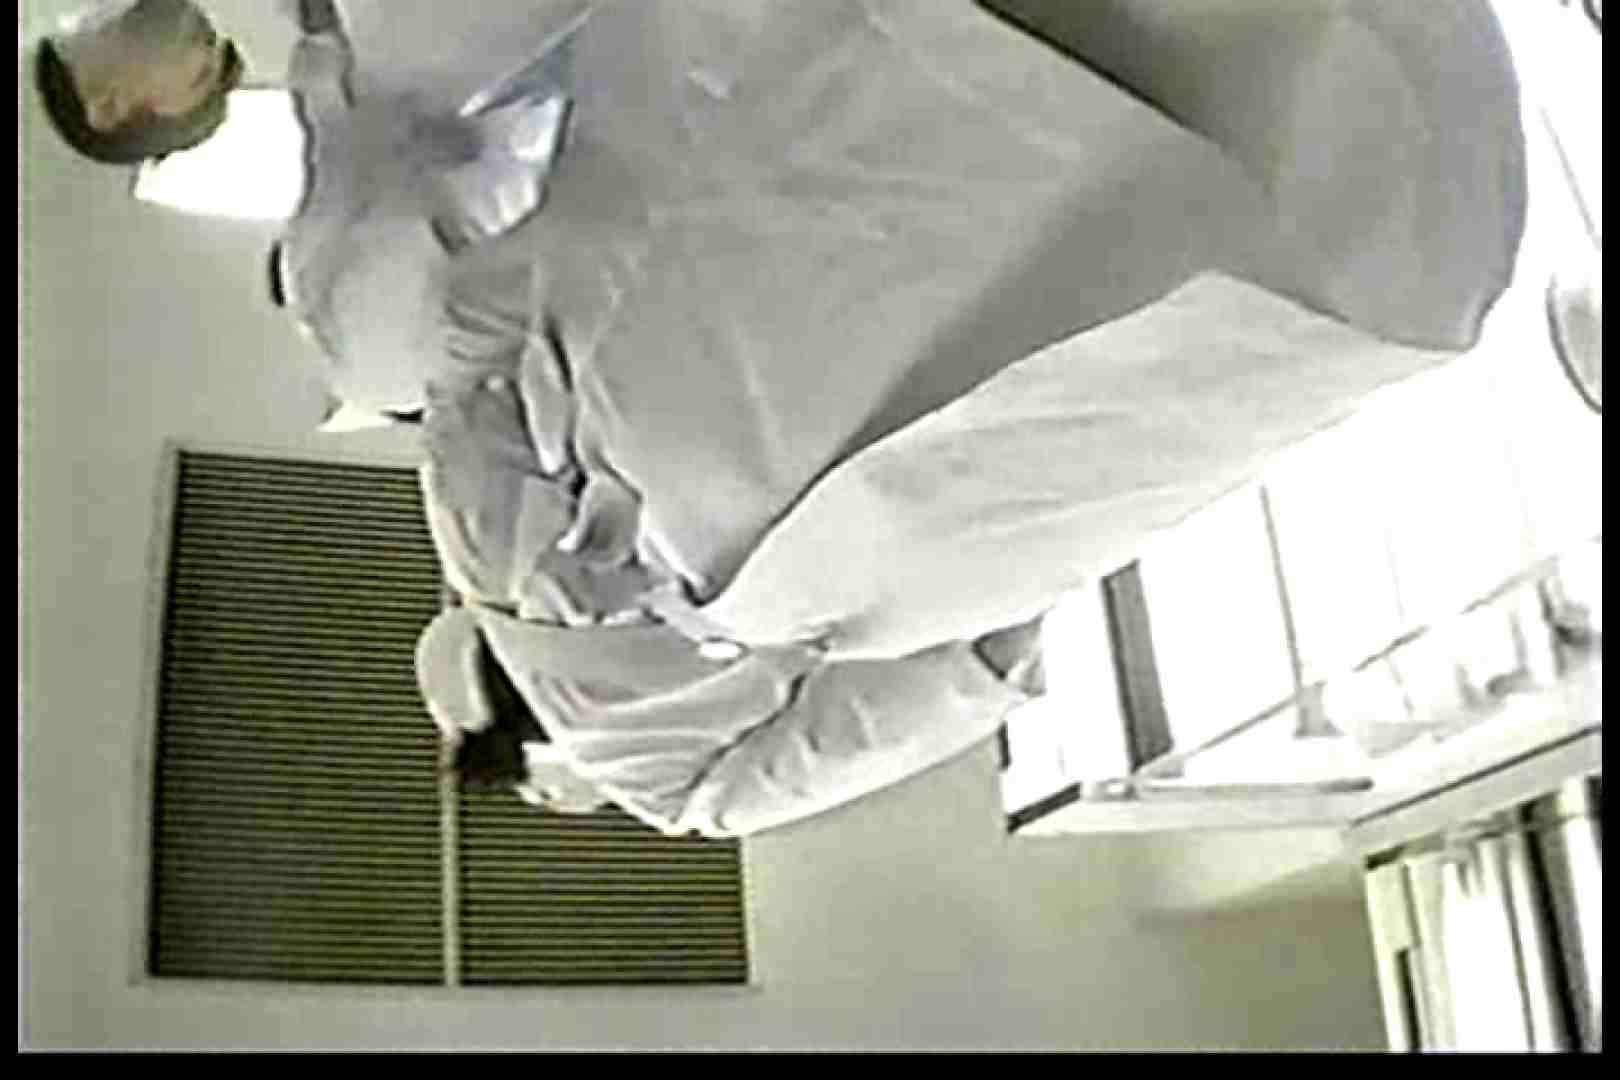 院内密着!看護婦達の下半身事情Vol.1 パンツ大放出 覗きぱこり動画紹介 47pic 23